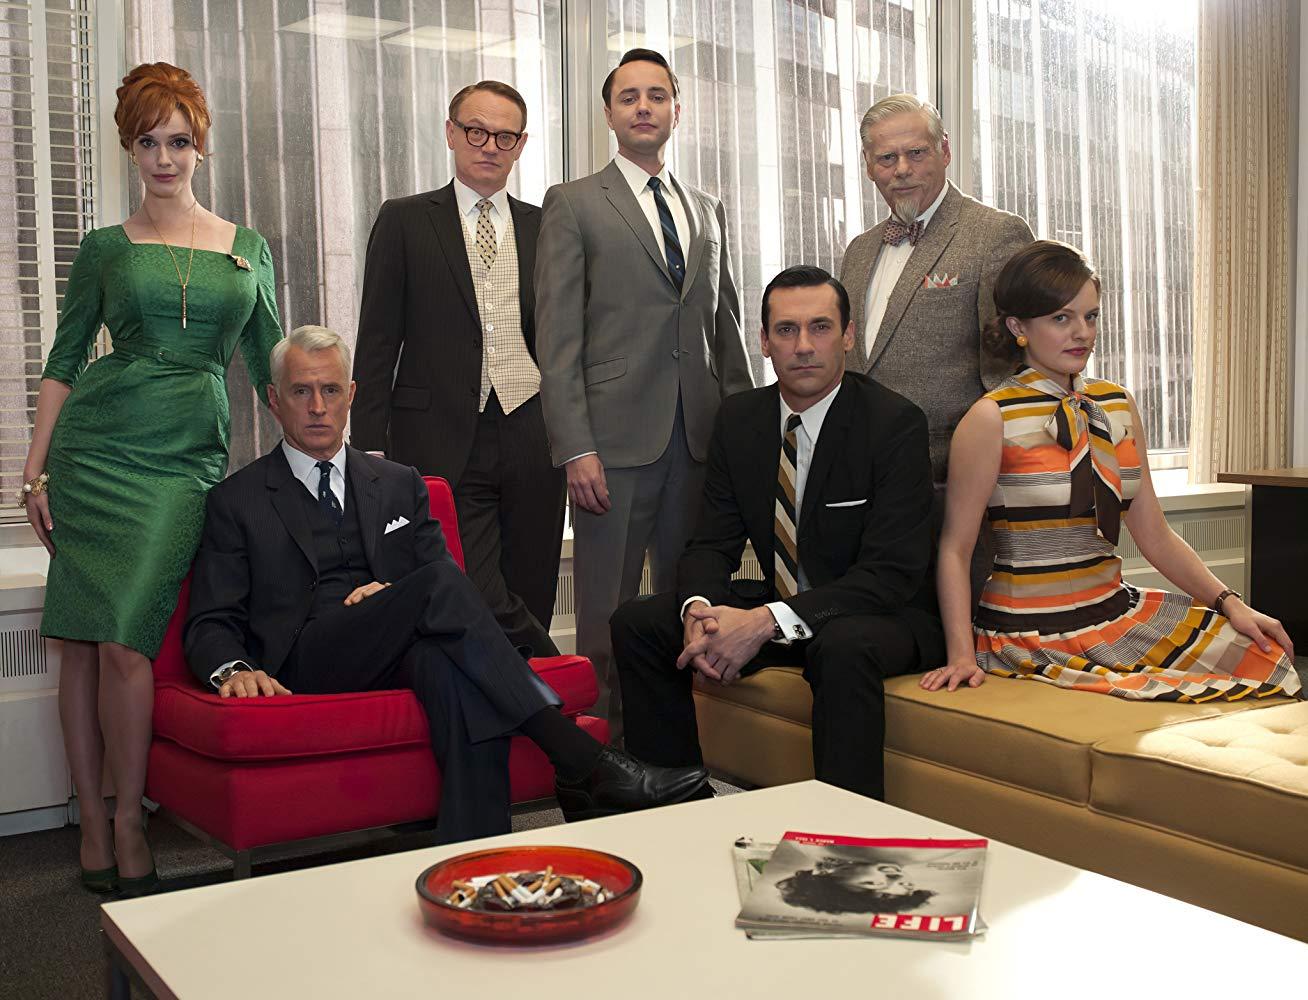 Mad Men  Outra aclamada série que fez história. Mad Men retrata a época de ouro da publicidade americana nos anos 60. Com um dos figurinos mais elegantes da história da televisão, a série - dividida em 7 temporadas - recebeu diversos prêmios como Emmy e Globo de Ouro.